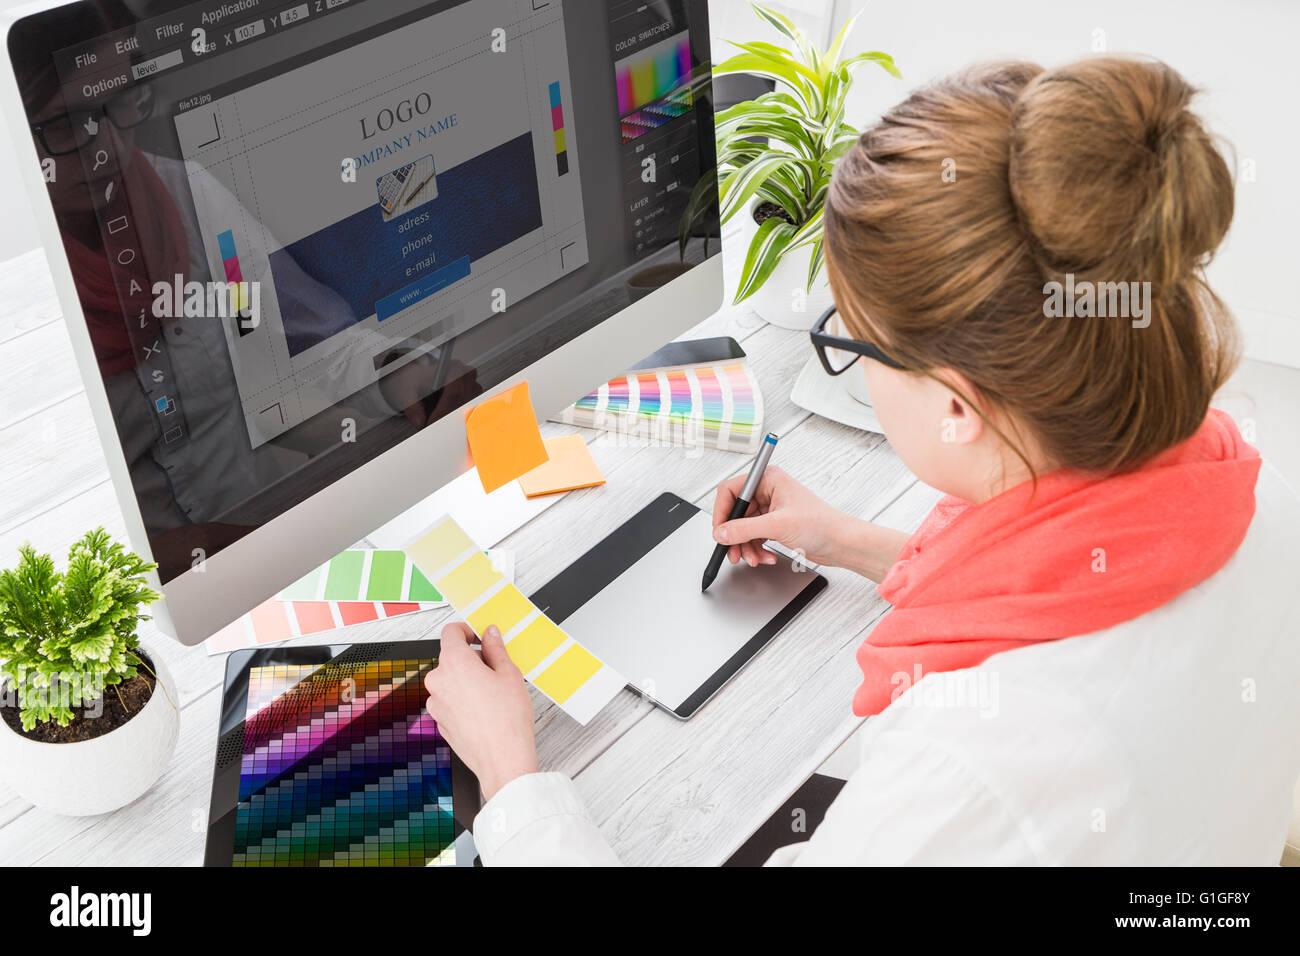 Diseñador gráfico en el trabajo. Las muestras de color. Foto de stock